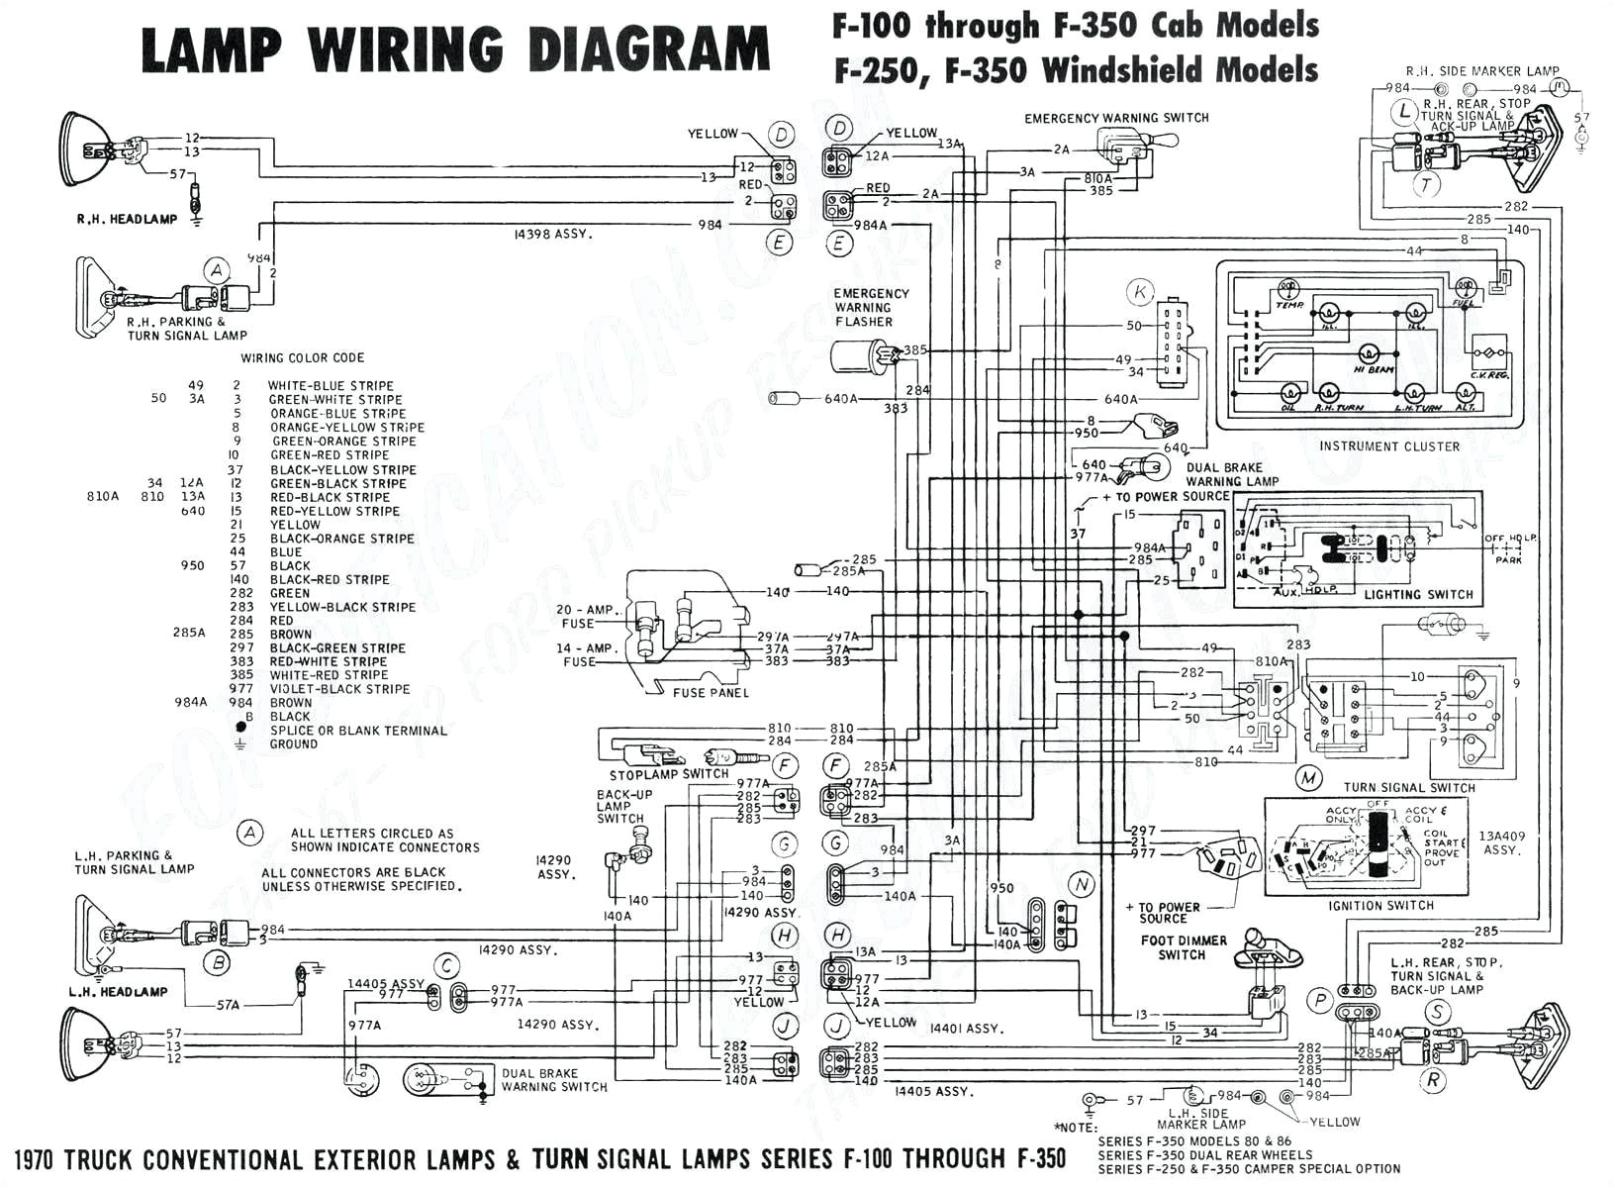 3814 hopkins wiring diagram wiring diagram 3814 hopkins wiring diagram